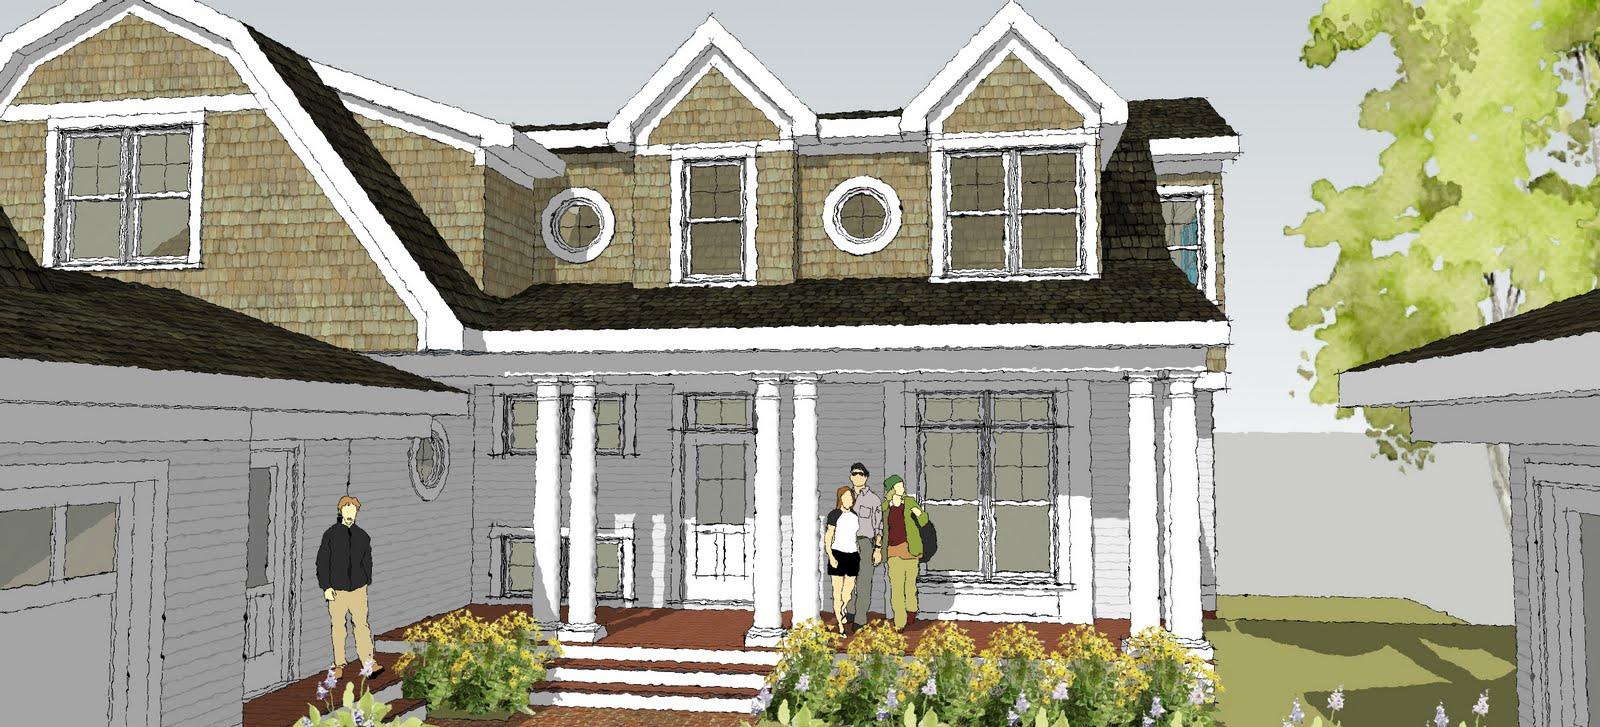 Simply elegant home designs blog home design ideas for Simply elegant house plans